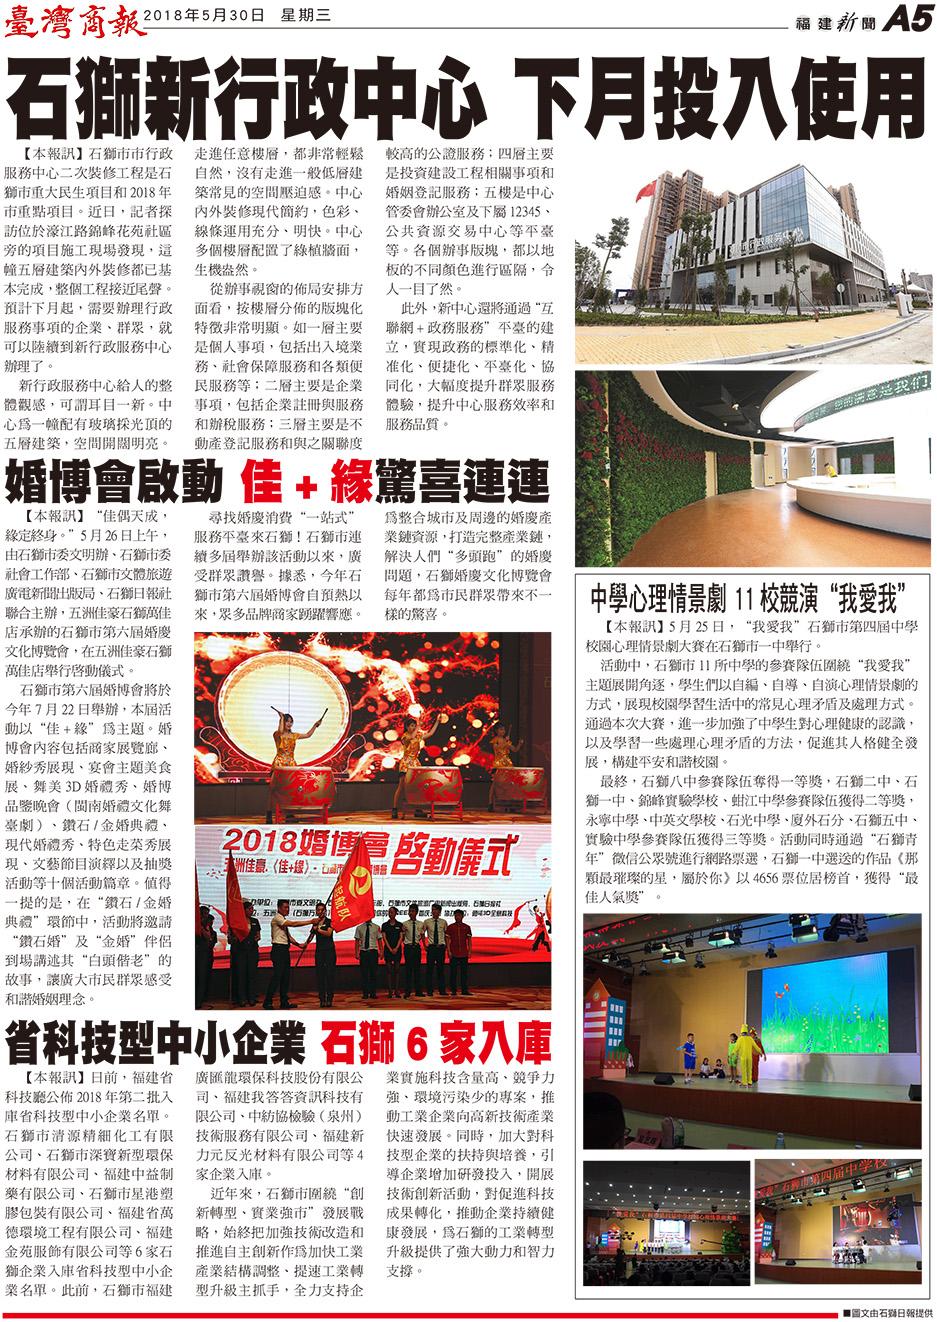 石獅新行政中心 下月投入使用